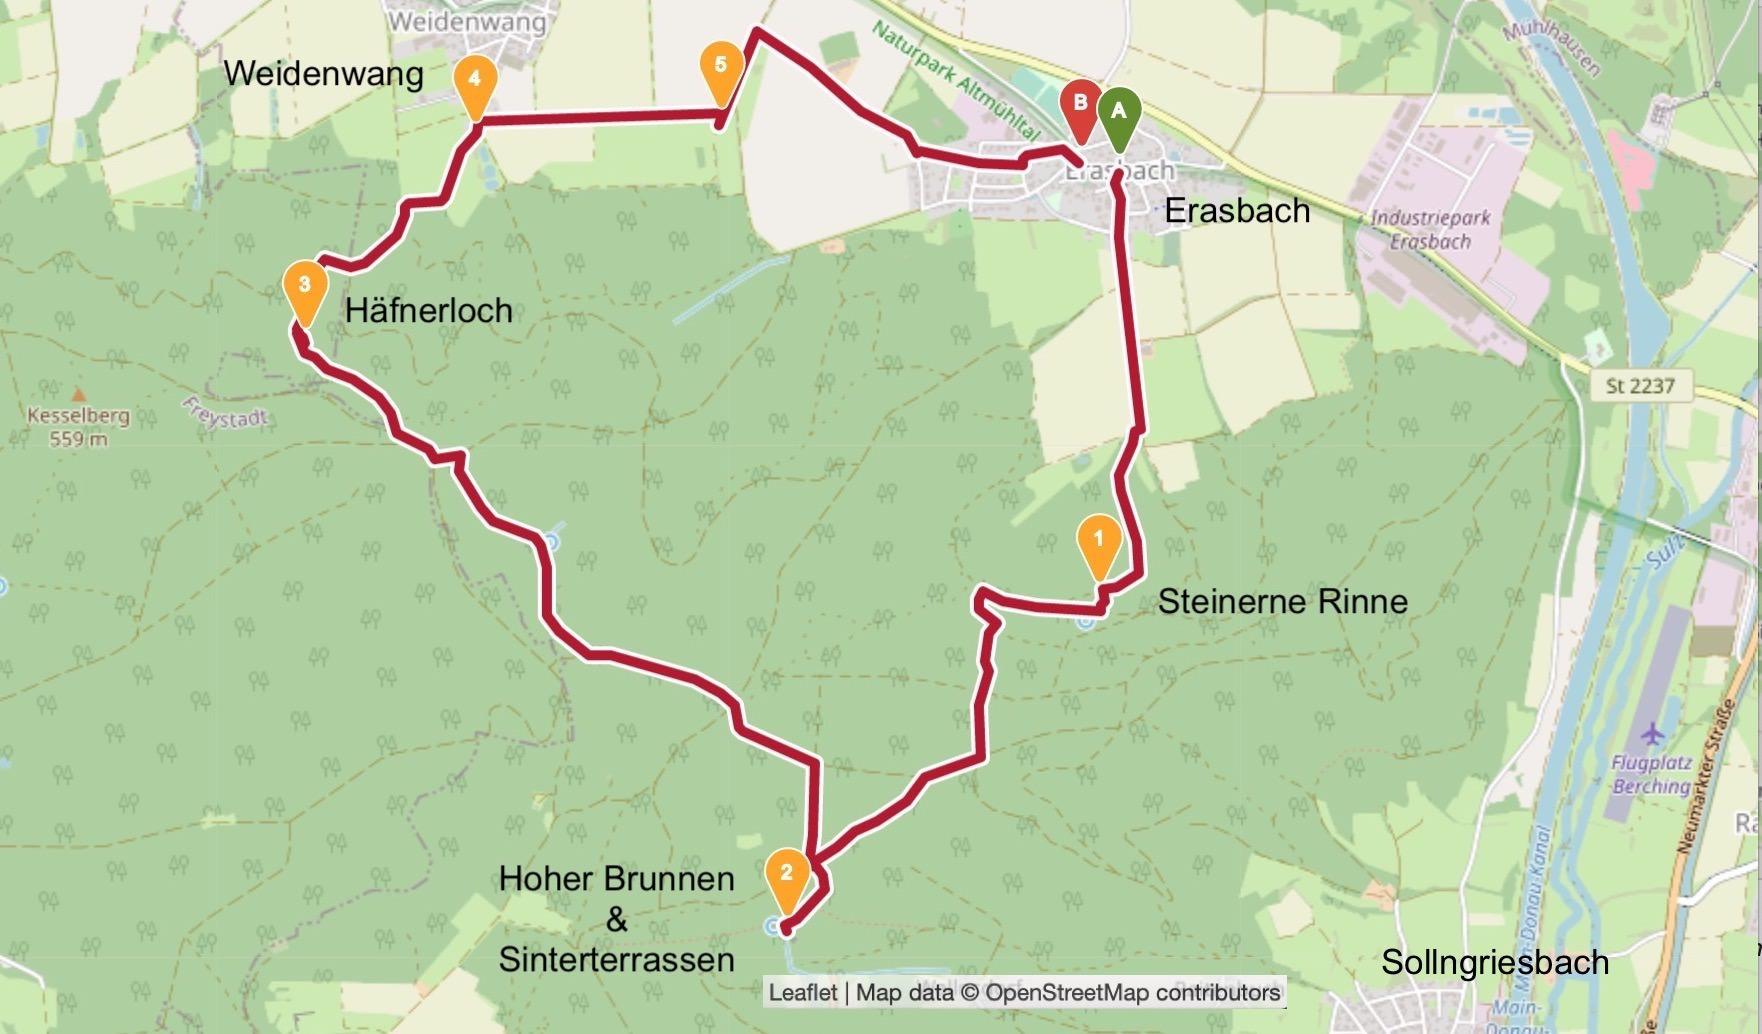 Rundwanderung Sinterterrassen Hoher Brunnen - Steinerne Rinne - Häfnerloch - Erasbach - Bayern